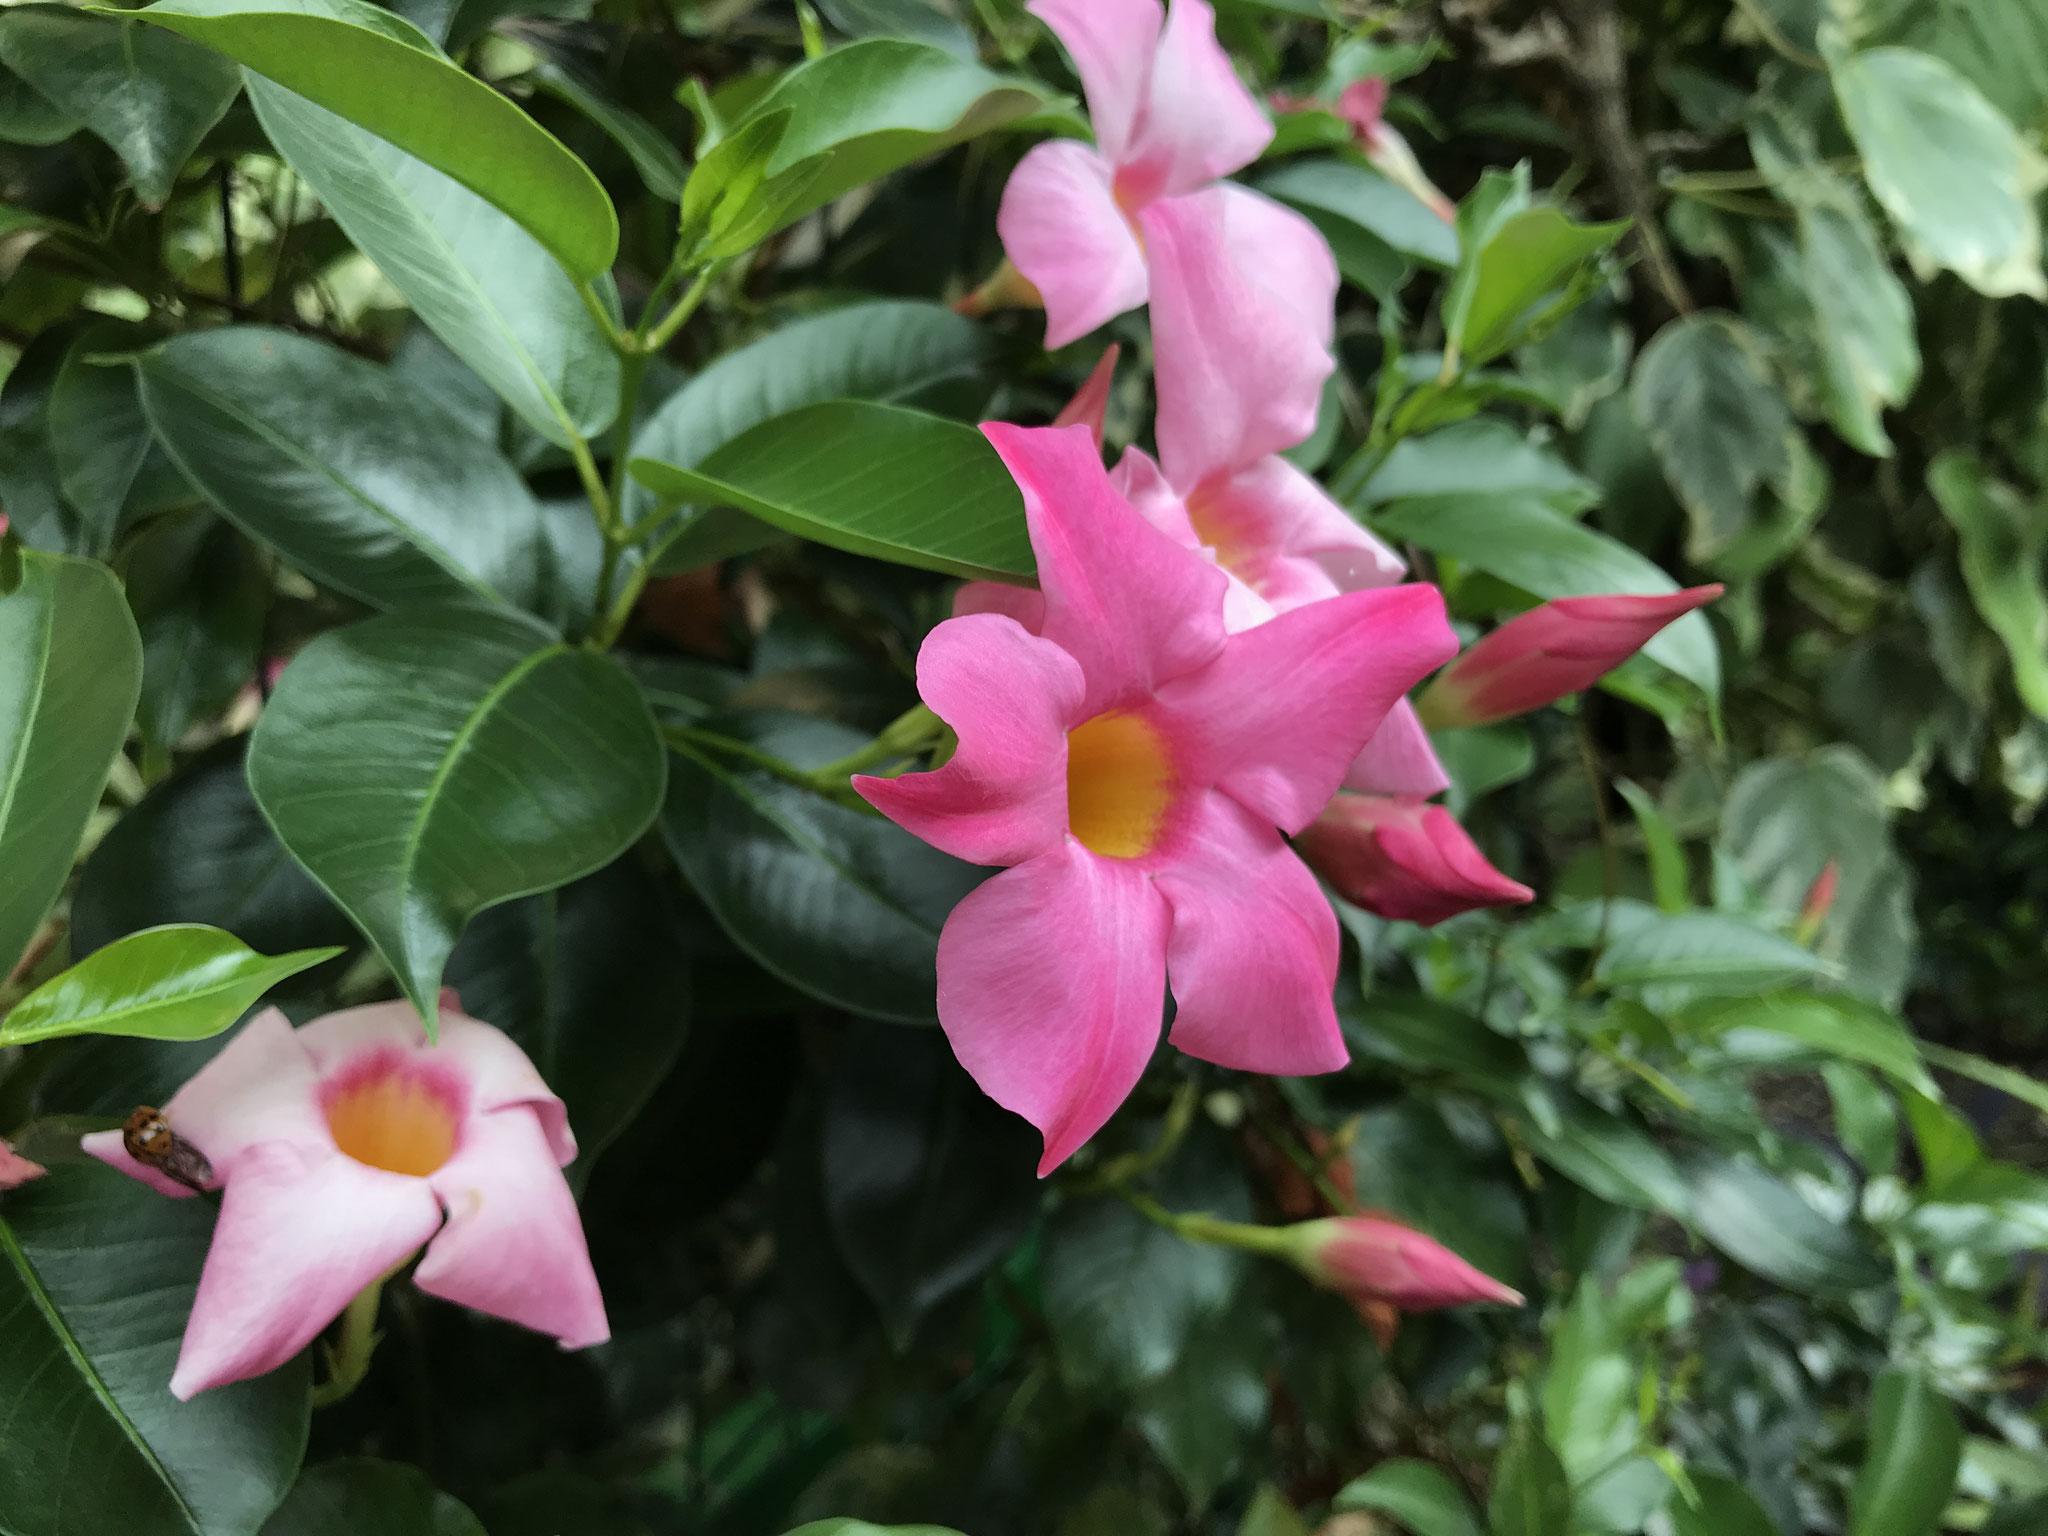 Für Margrit - ein Gruß an Deinen Garten.